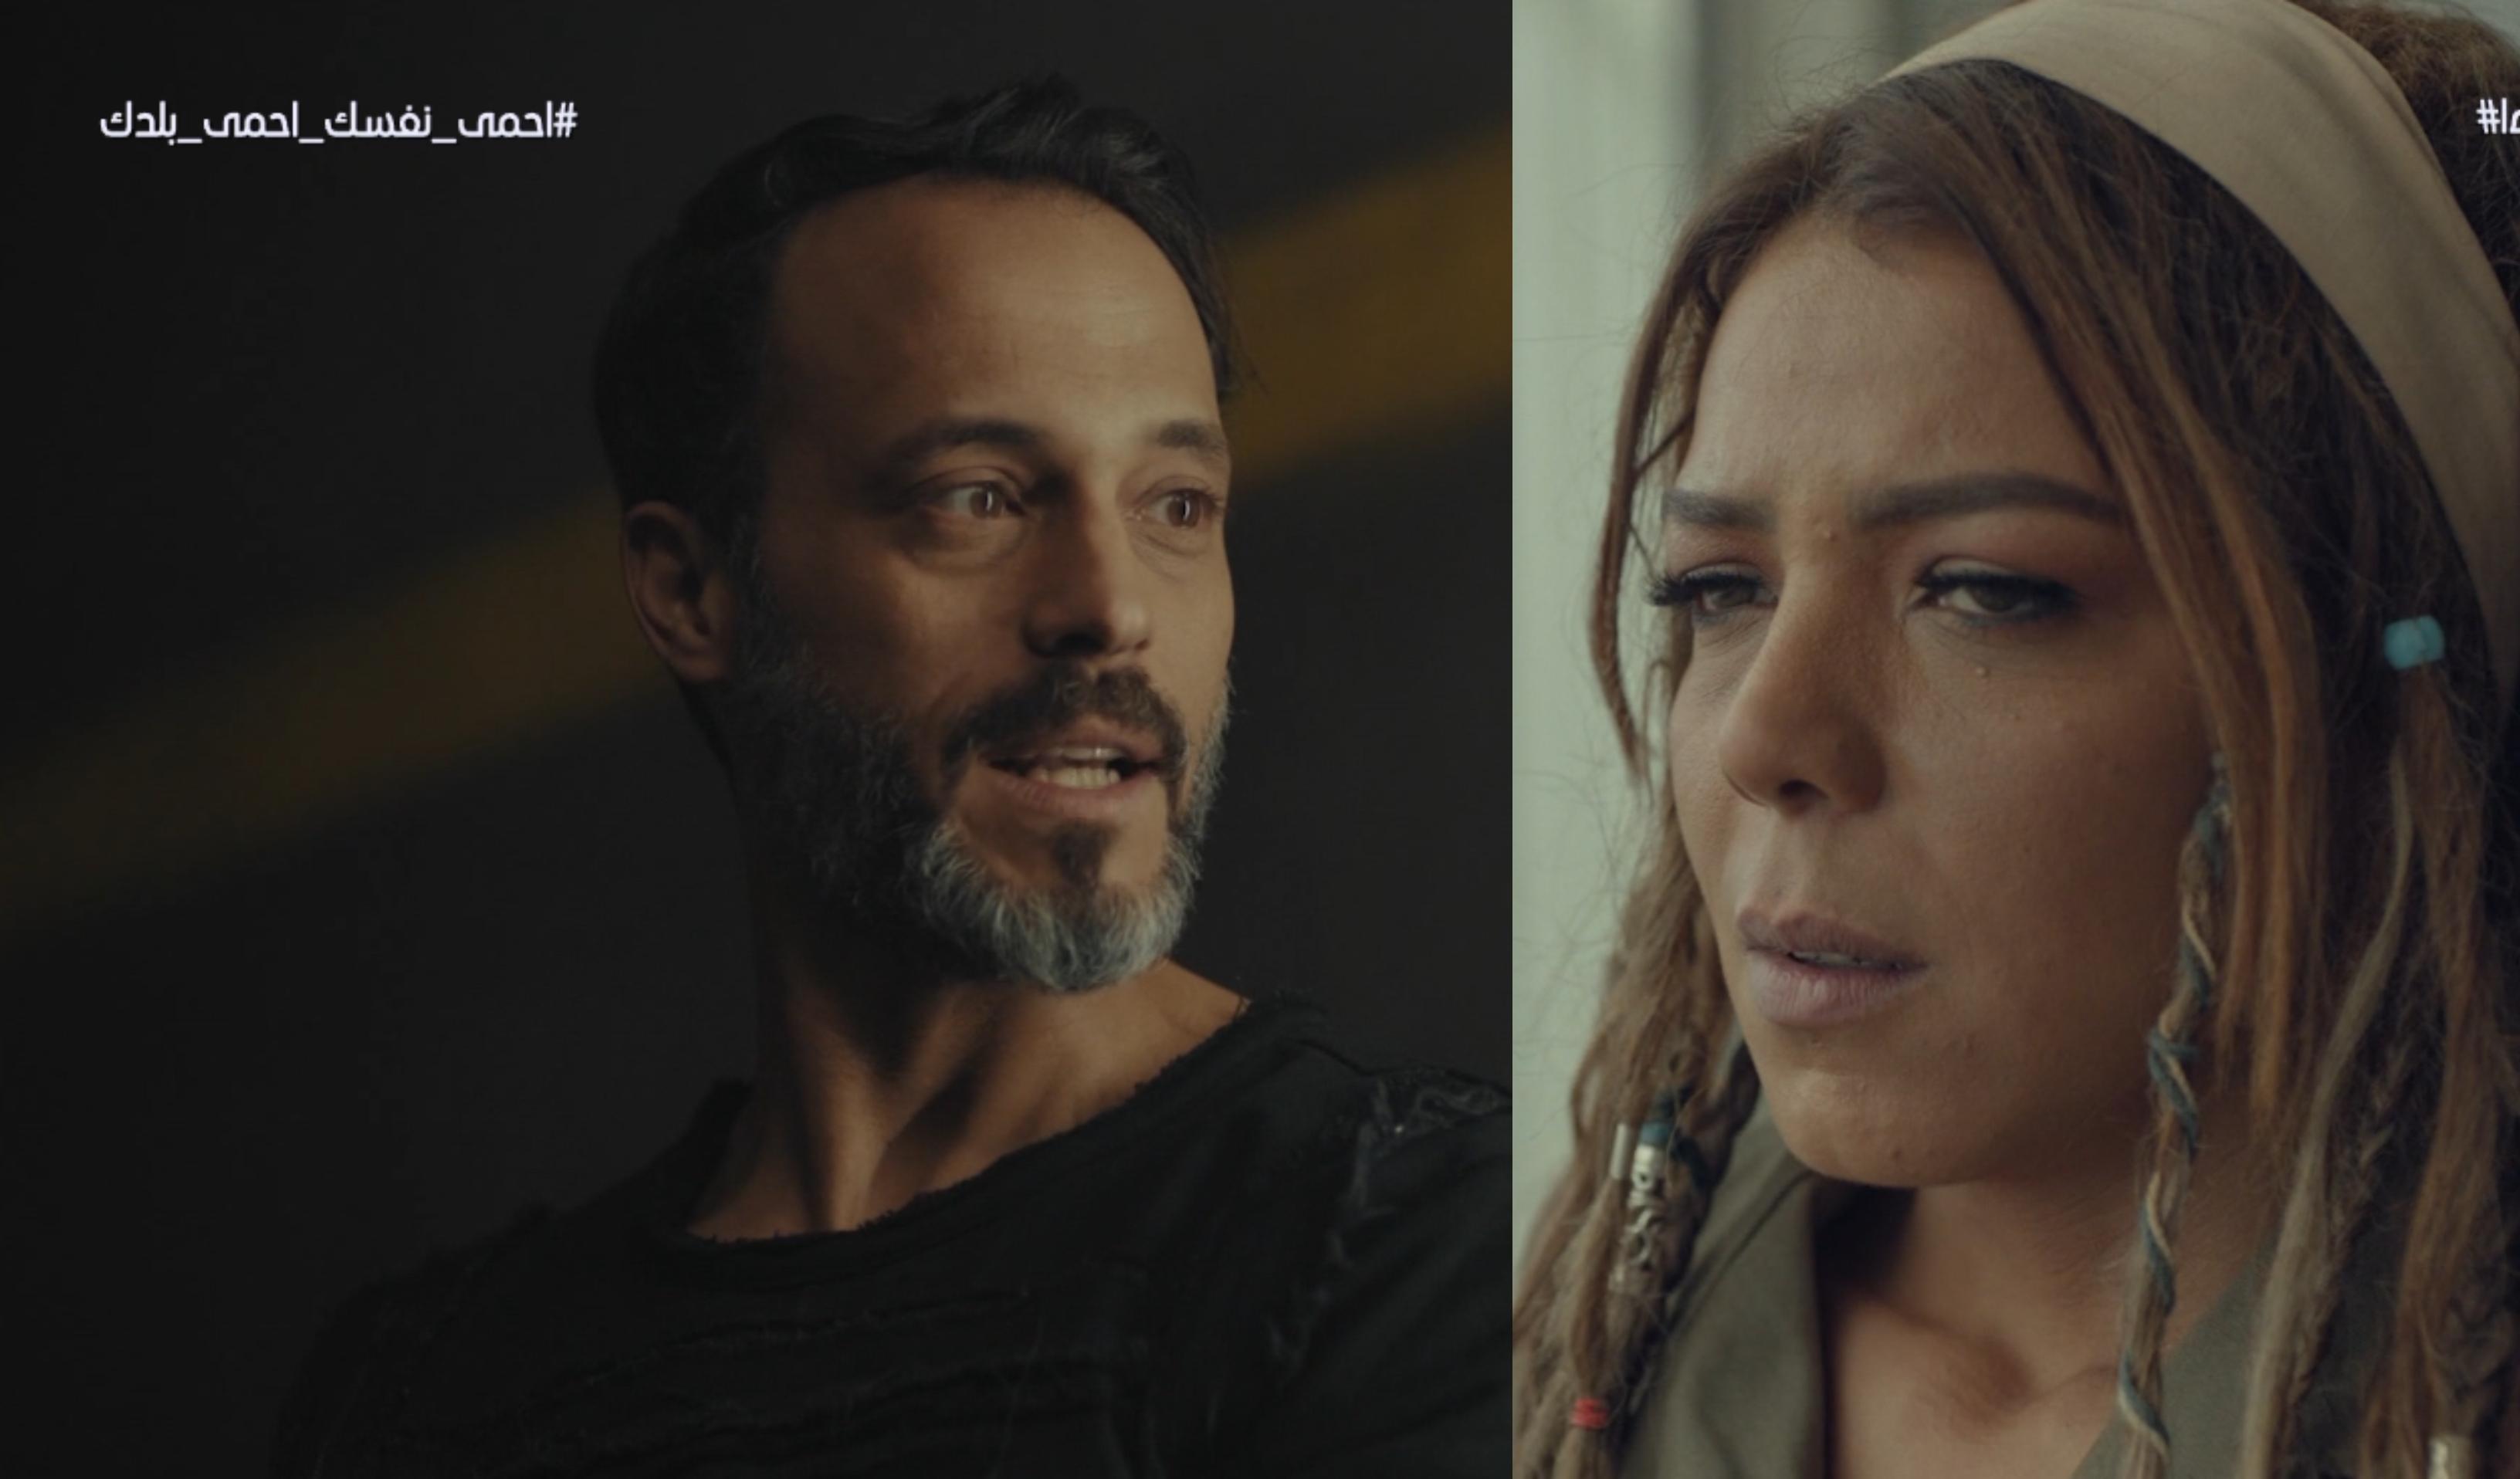 مسلسل النهاية يوسف الشريف الحلقة 1